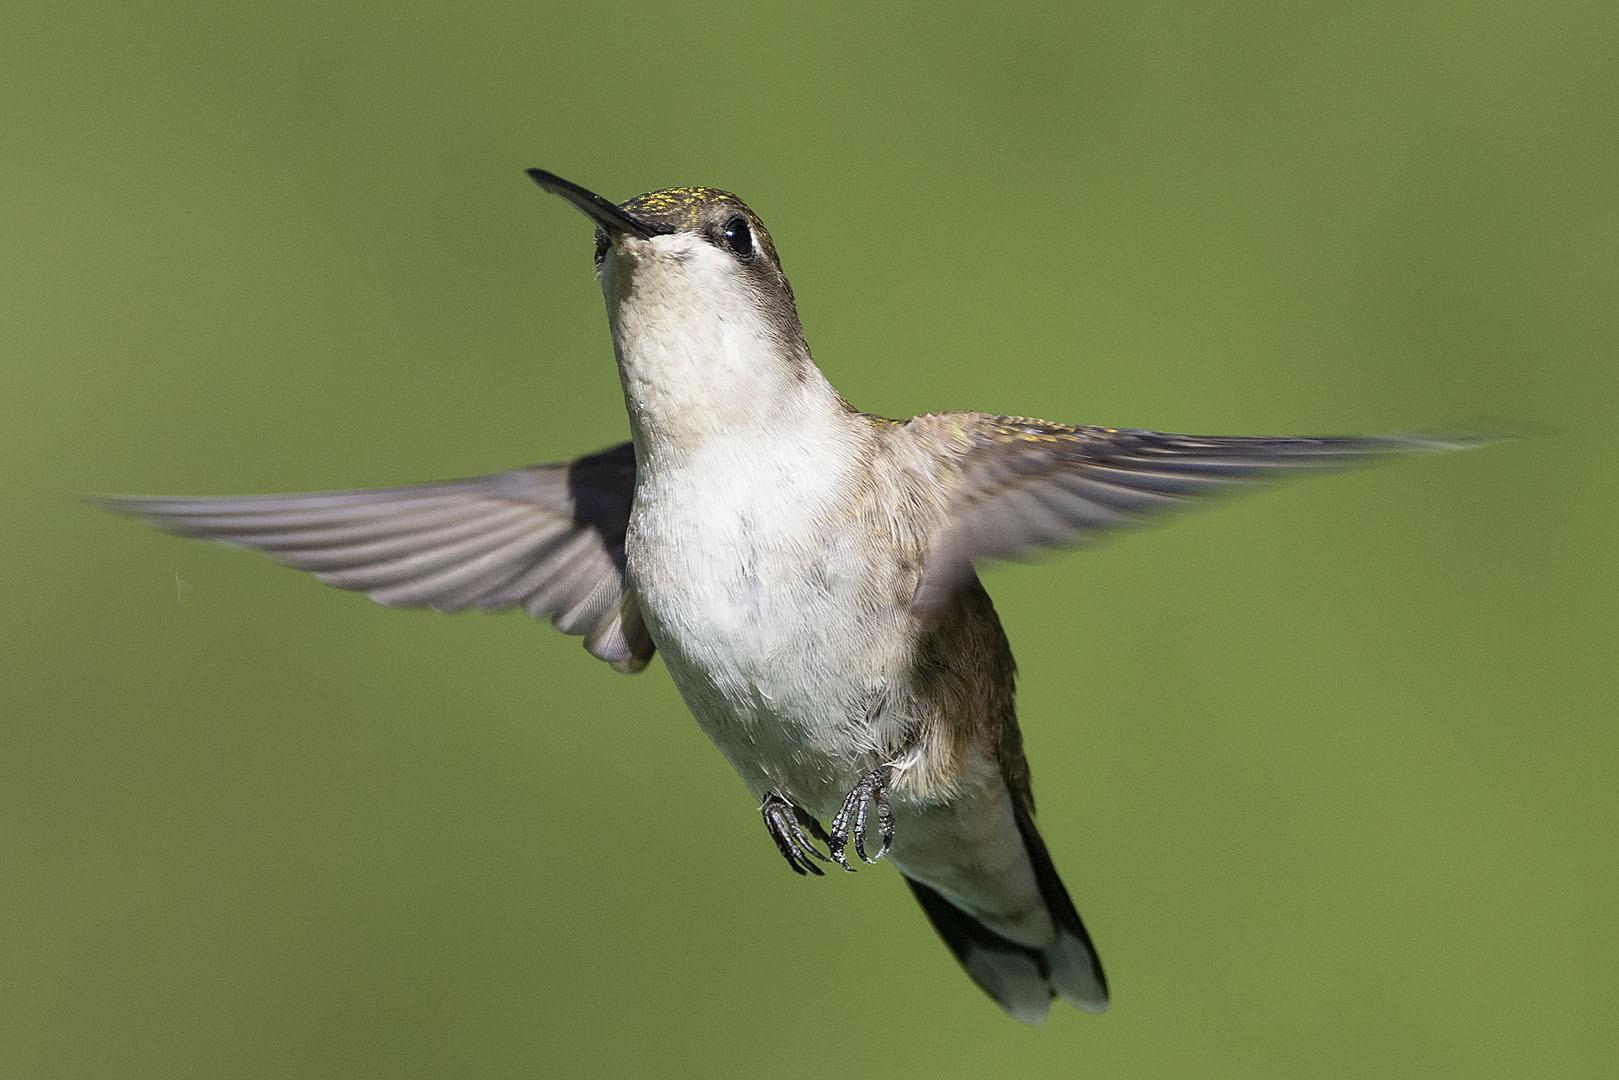 20200601 Hummingbird 2.jpg